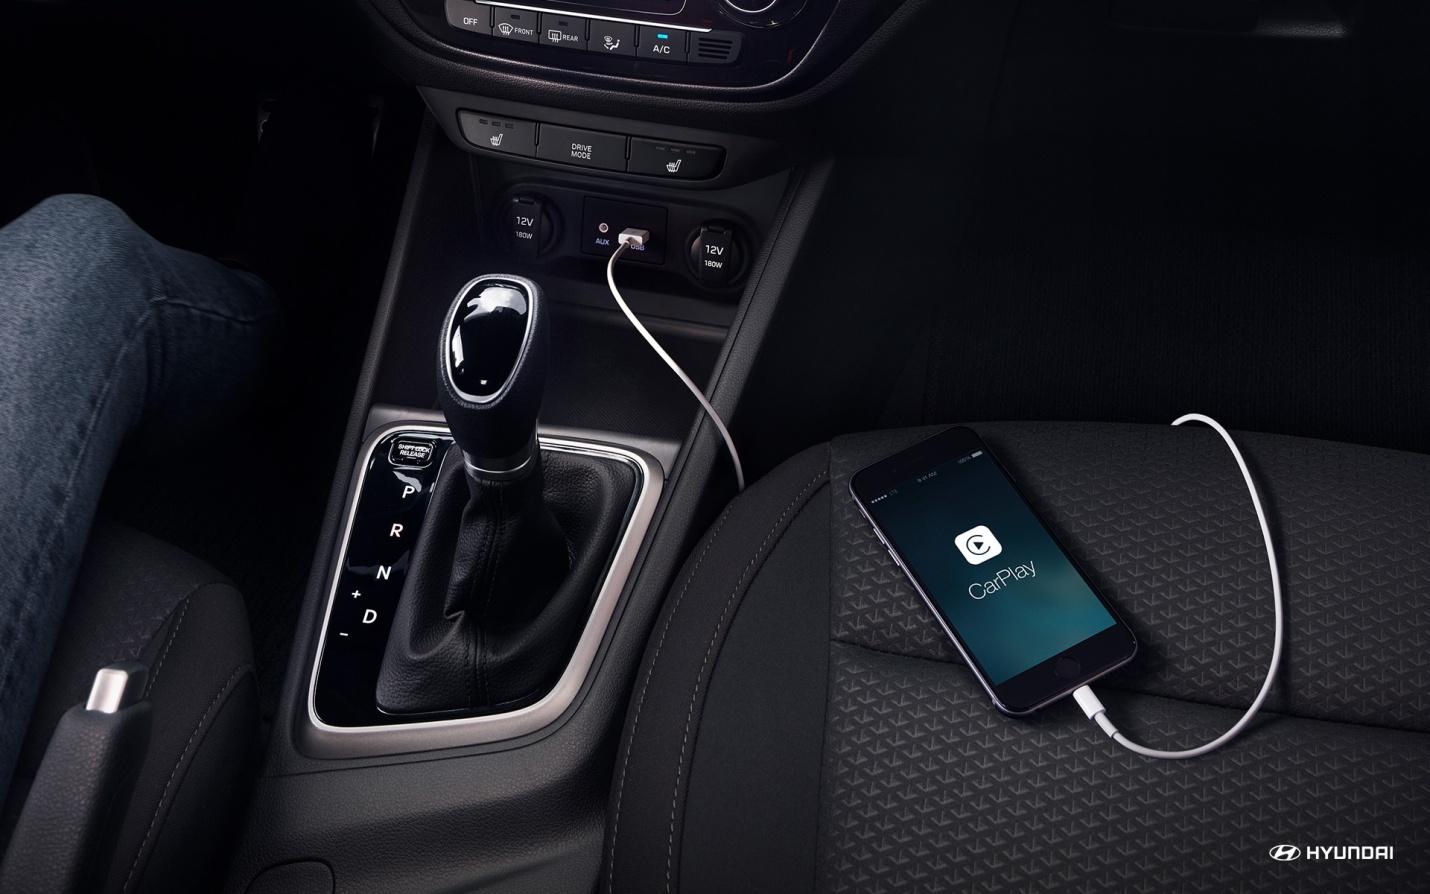 Con los puertos USB disponibles todos los pasajeros podrán cargar sus dispositivos.